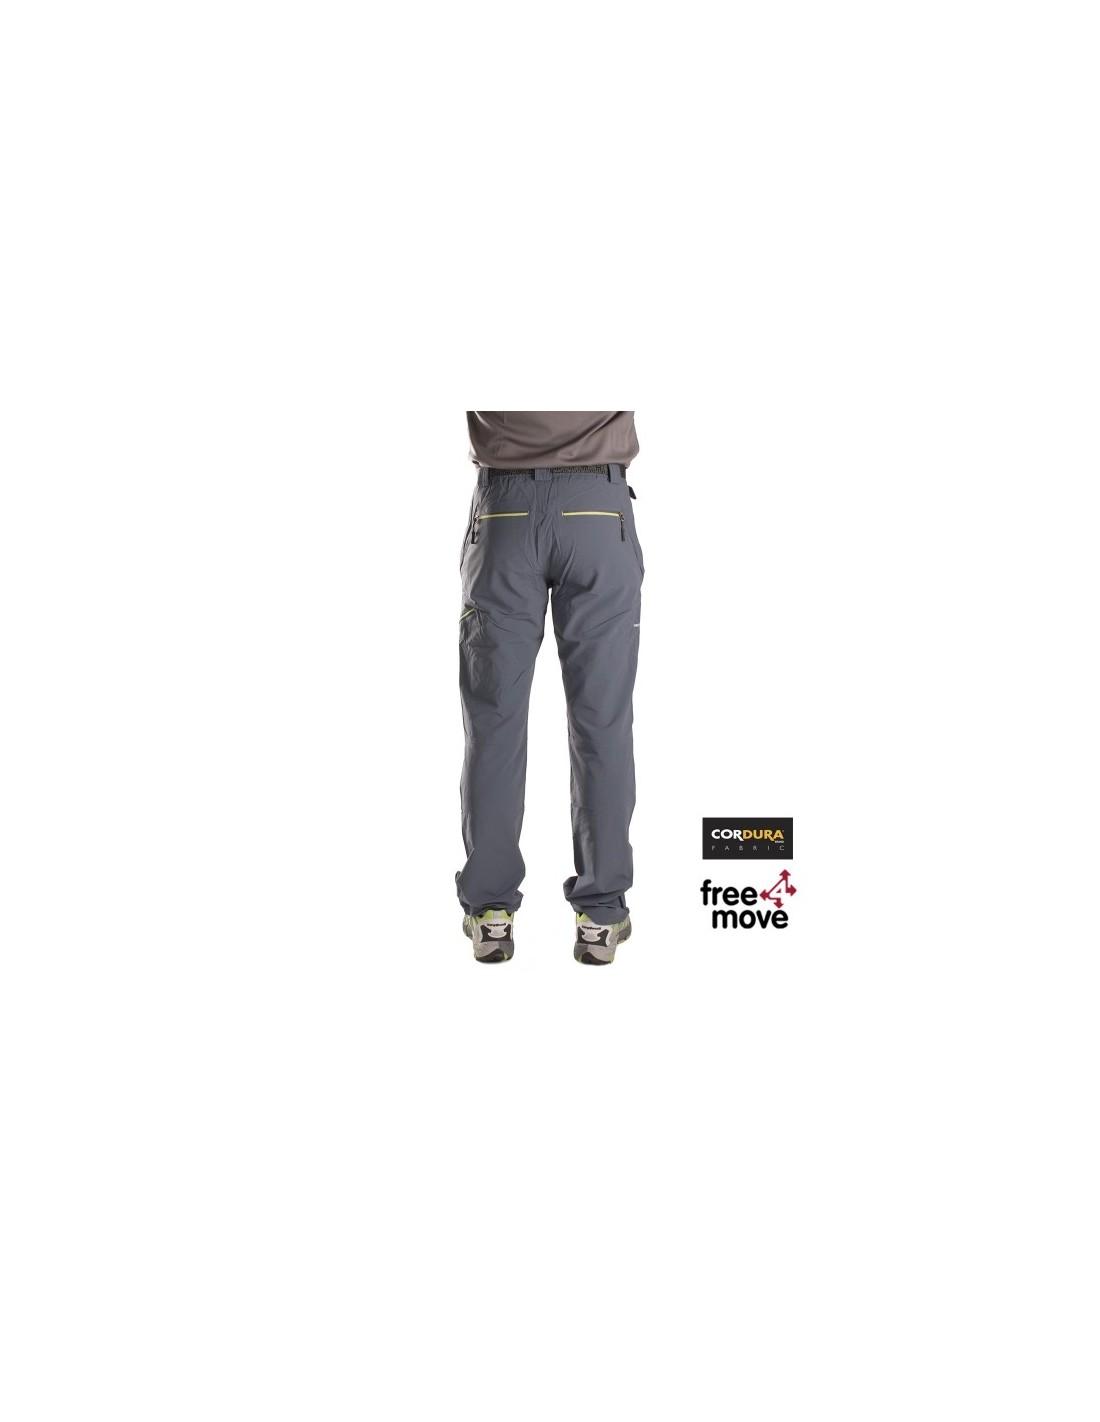 Fi Zun Hombre Trangoworld Largos Pantalones T0qnP0 dcca1a22fd3f